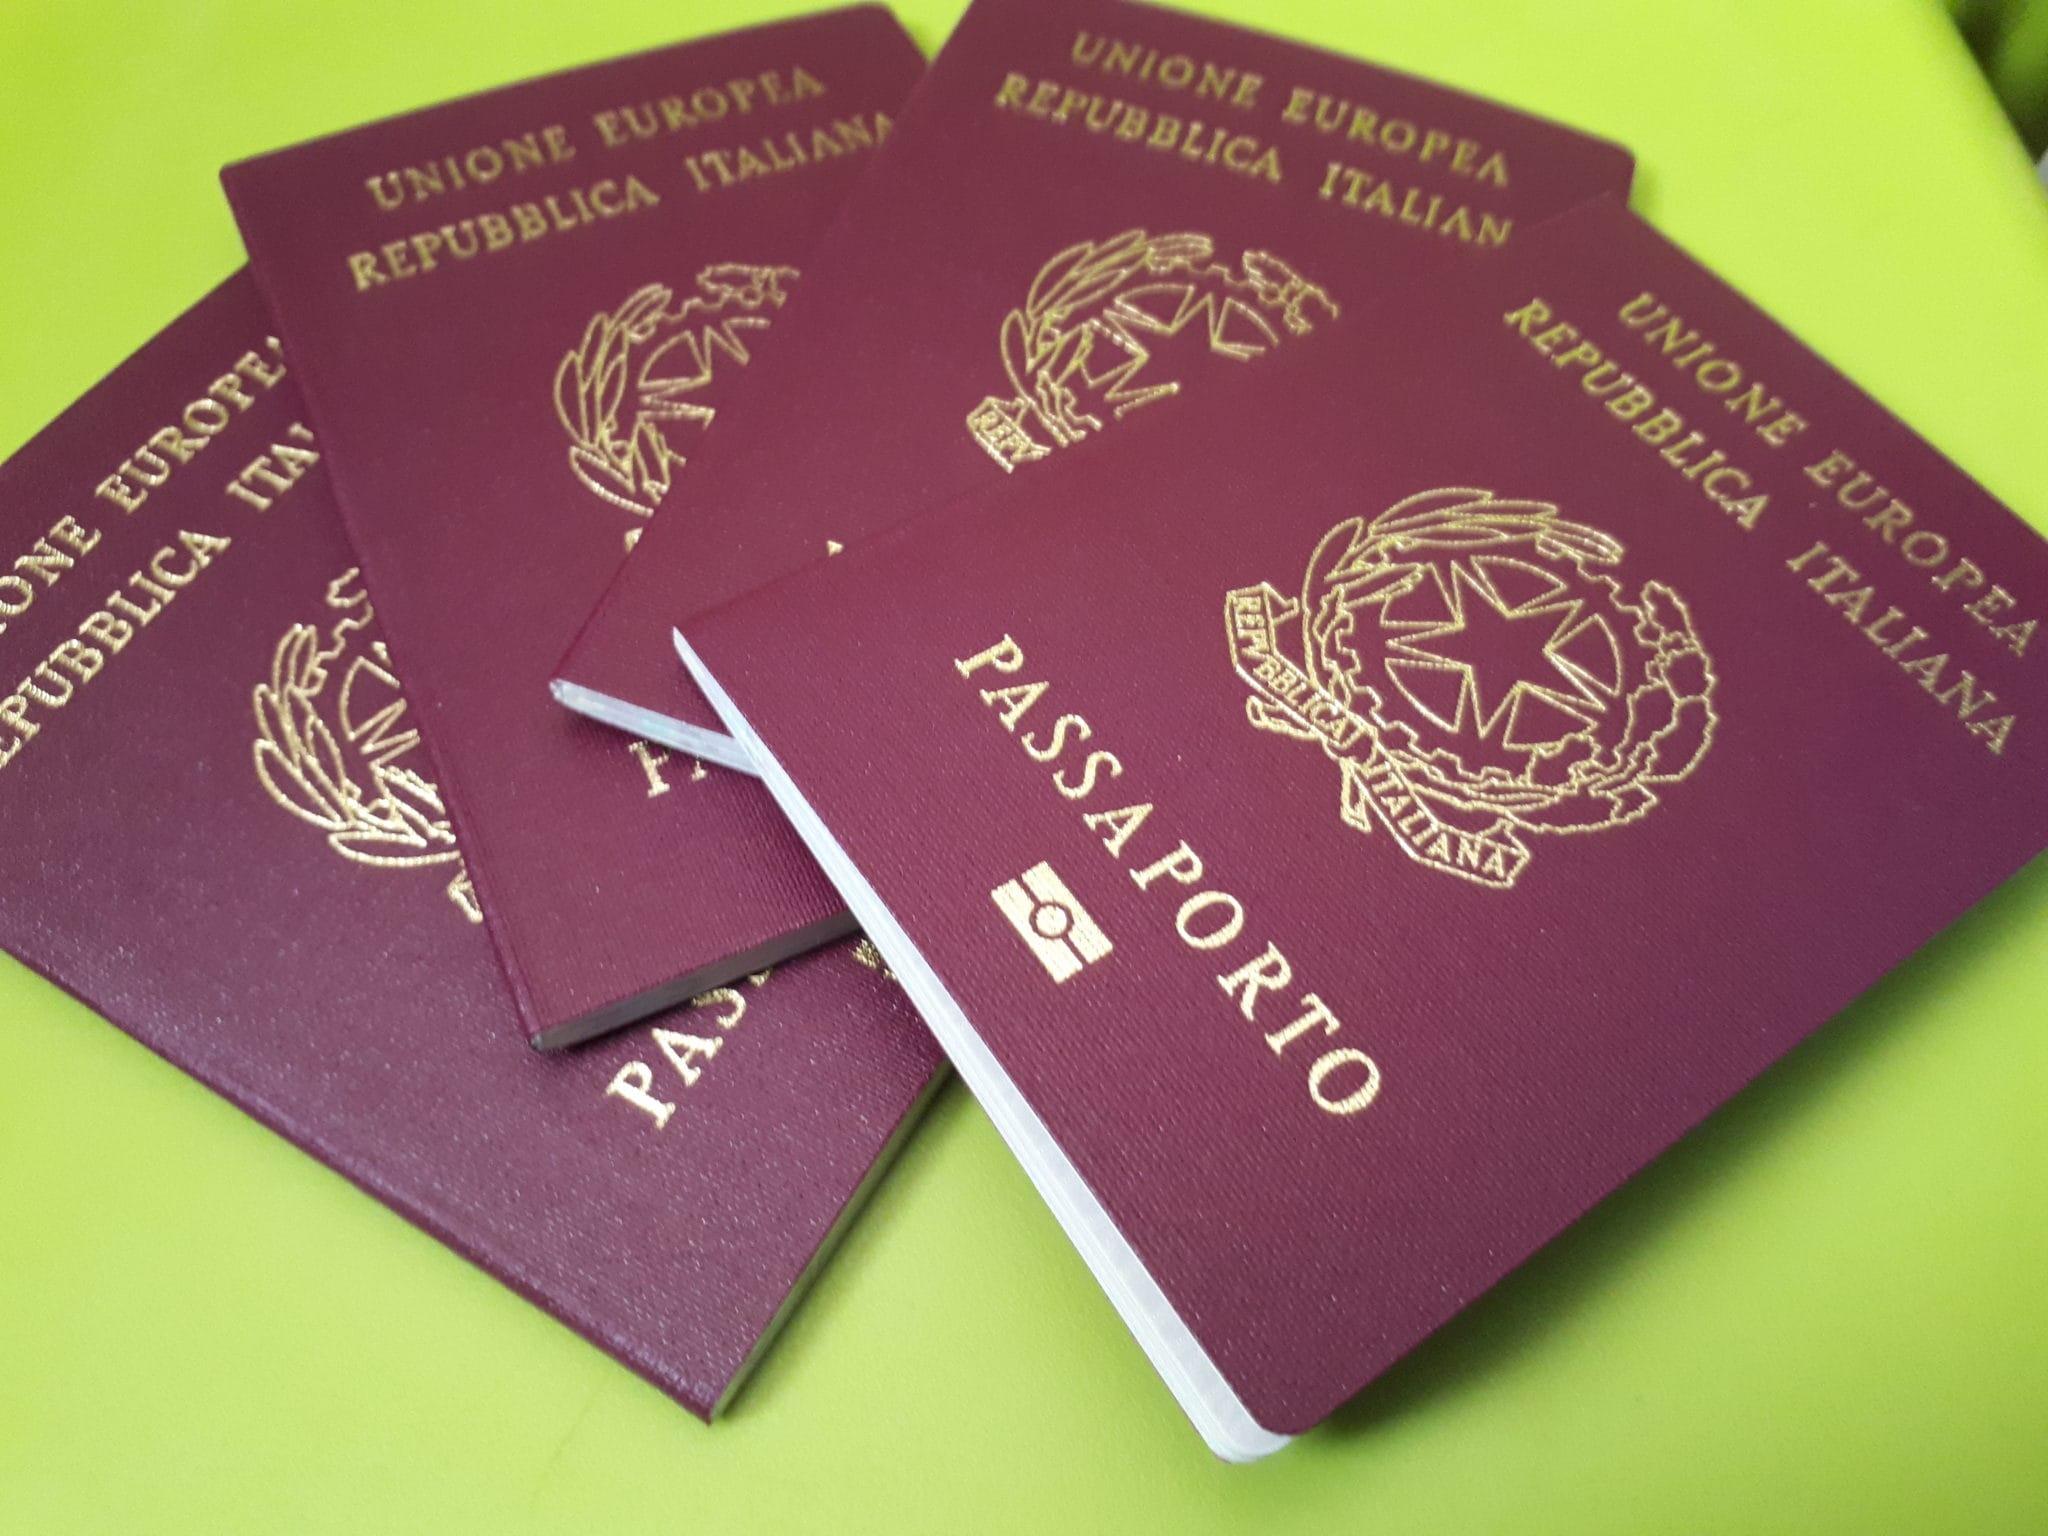 Ufficio Passaporti A Milano : Come ottenere il passaporto per i minori dai che partiamo